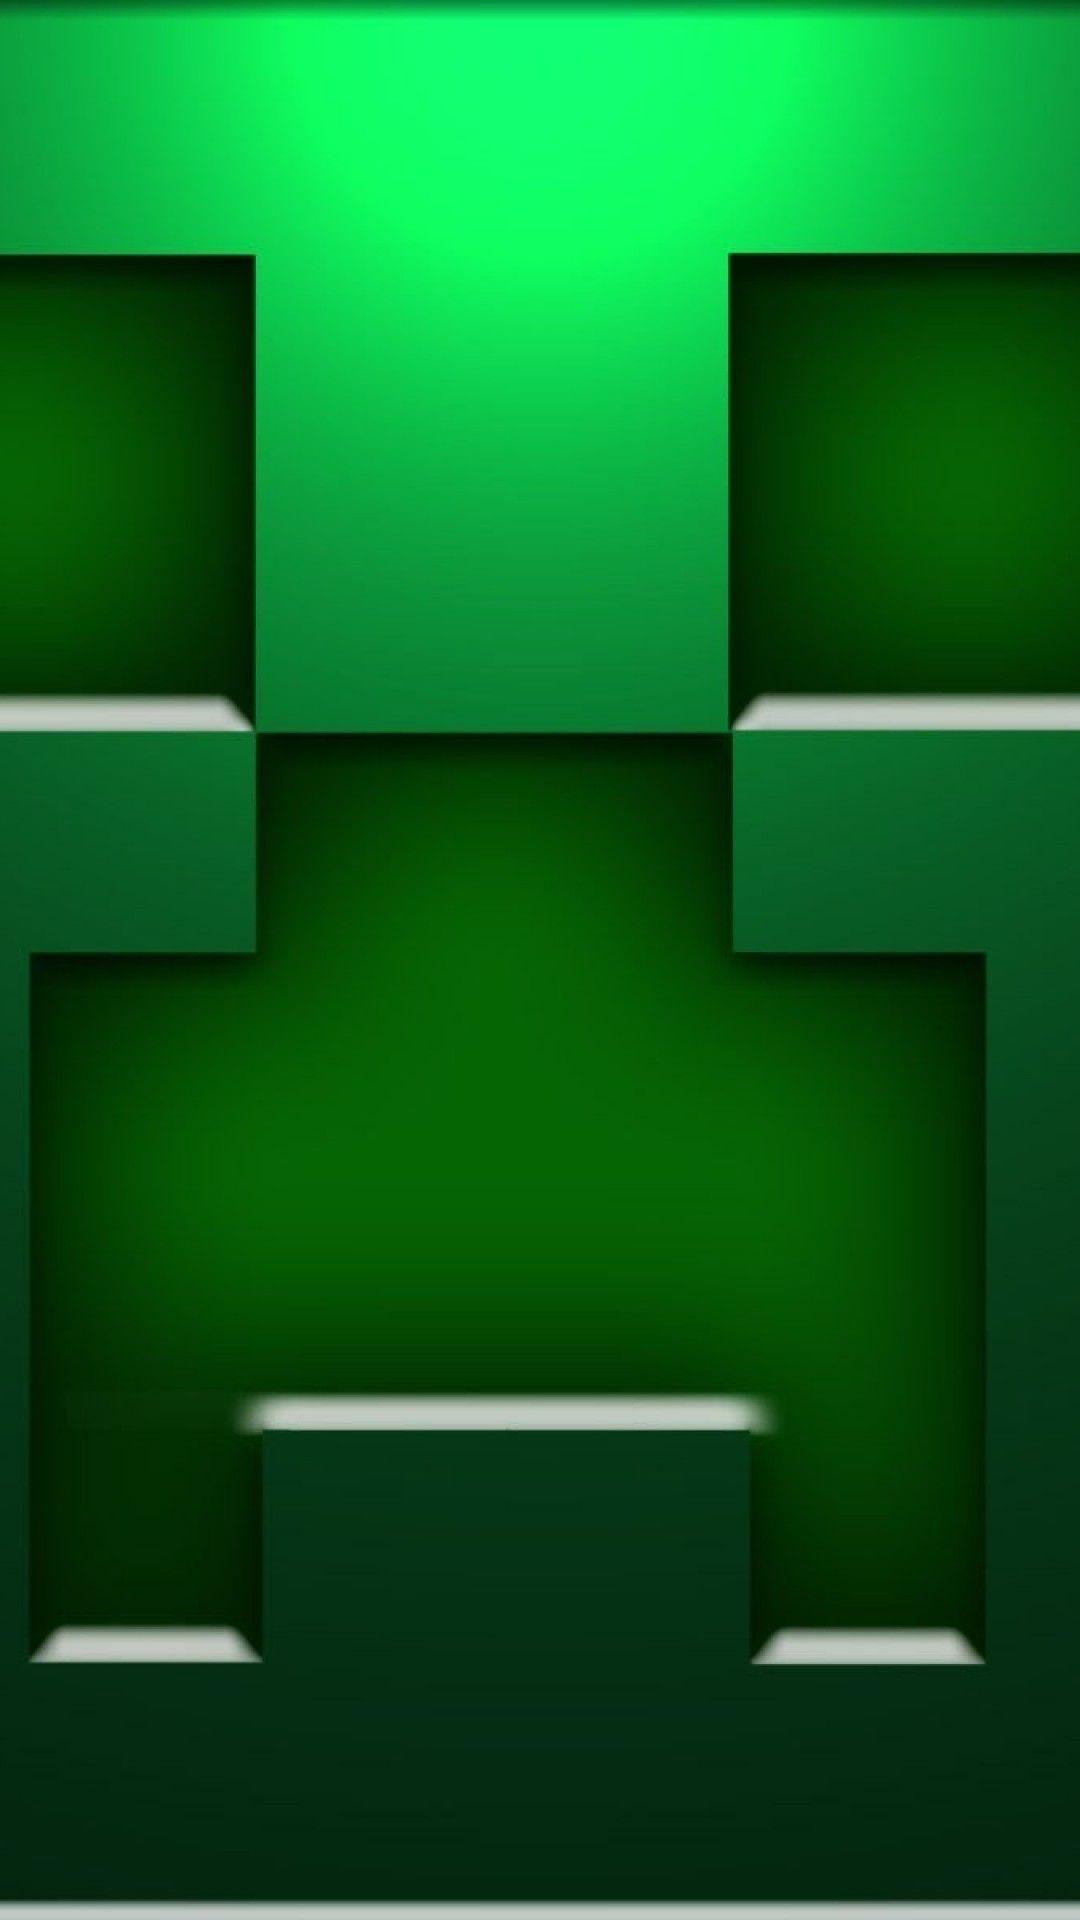 Enderman Minecraft Background Picture In 2020 Minecraft